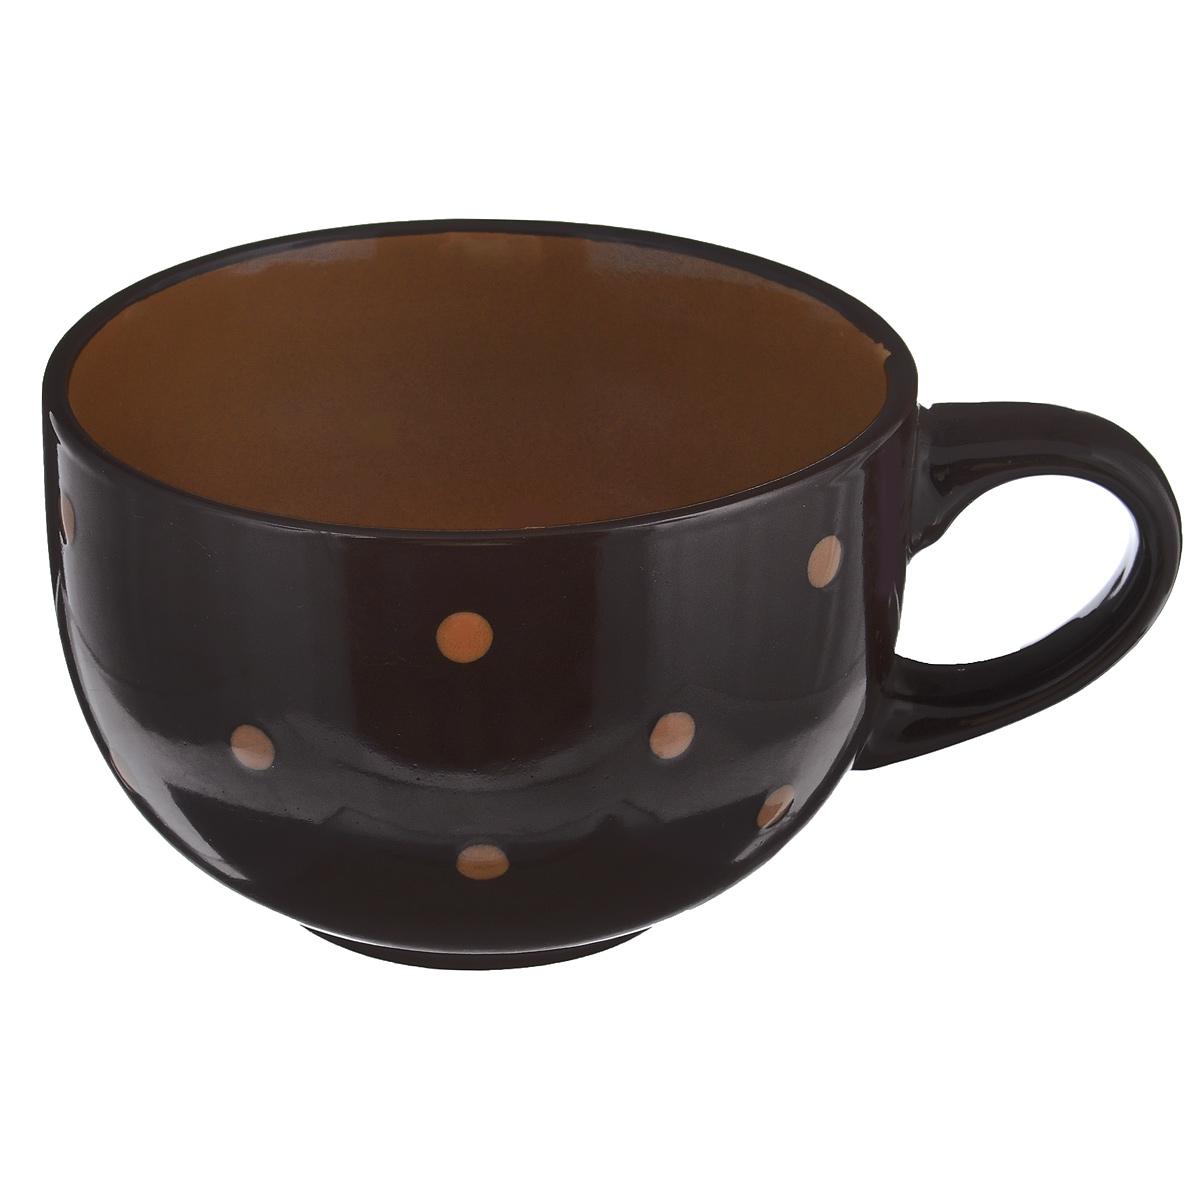 Чашка Горошек, цвет: темно-коричневый, 400 млHV95517BRЧашка Горошек изготовлена из высококачественной керамики. Первоклассная глина, двухступенчатый обжиг, мягкие краски и простой контрастный рисунок в горошек на глянцевой поверхности - отличительные особенности данного изделия. Такая чашка прекрасно подойдет для горячих напитков. Она дополнит коллекцию вашей кухонной посуды и будет служить долгие годы. Можно использовать в посудомоечной машине и СВЧ. Поверхность не царапается при щадящем мытье, без использования абразивов и химически агрессивных моющих средств.Объем: 400 мл. Диаметр чашки (по верхнему краю): 11,5 см. Высота стенки чашки: 8 см.